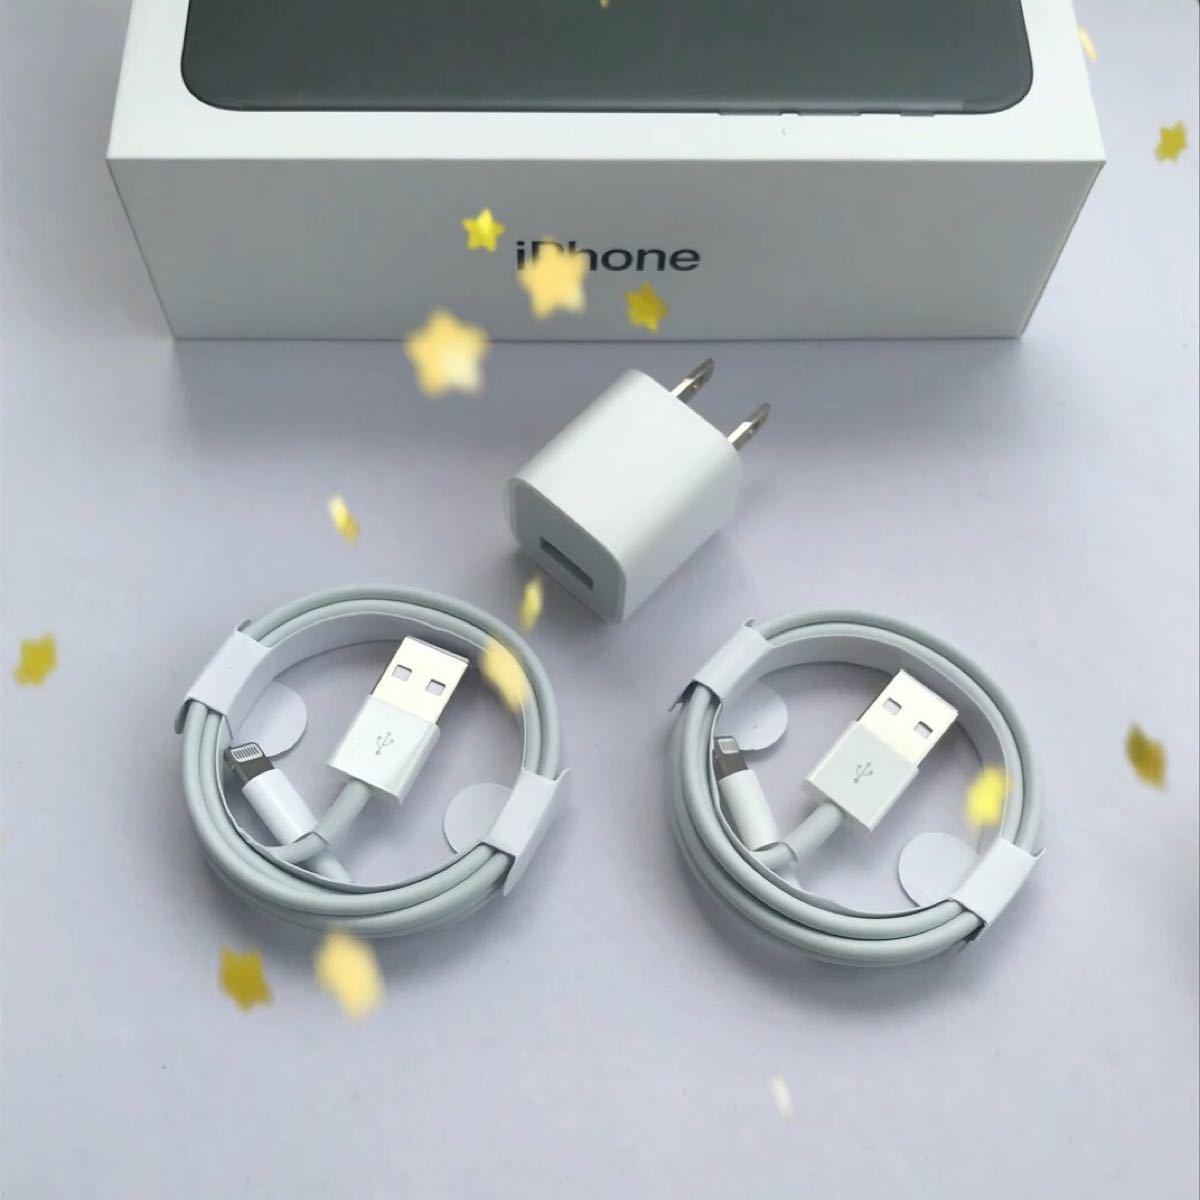 iPhone 充電器 充電ケーブル コード lightning cable 3点セット ライトニングケーブル アダプタ